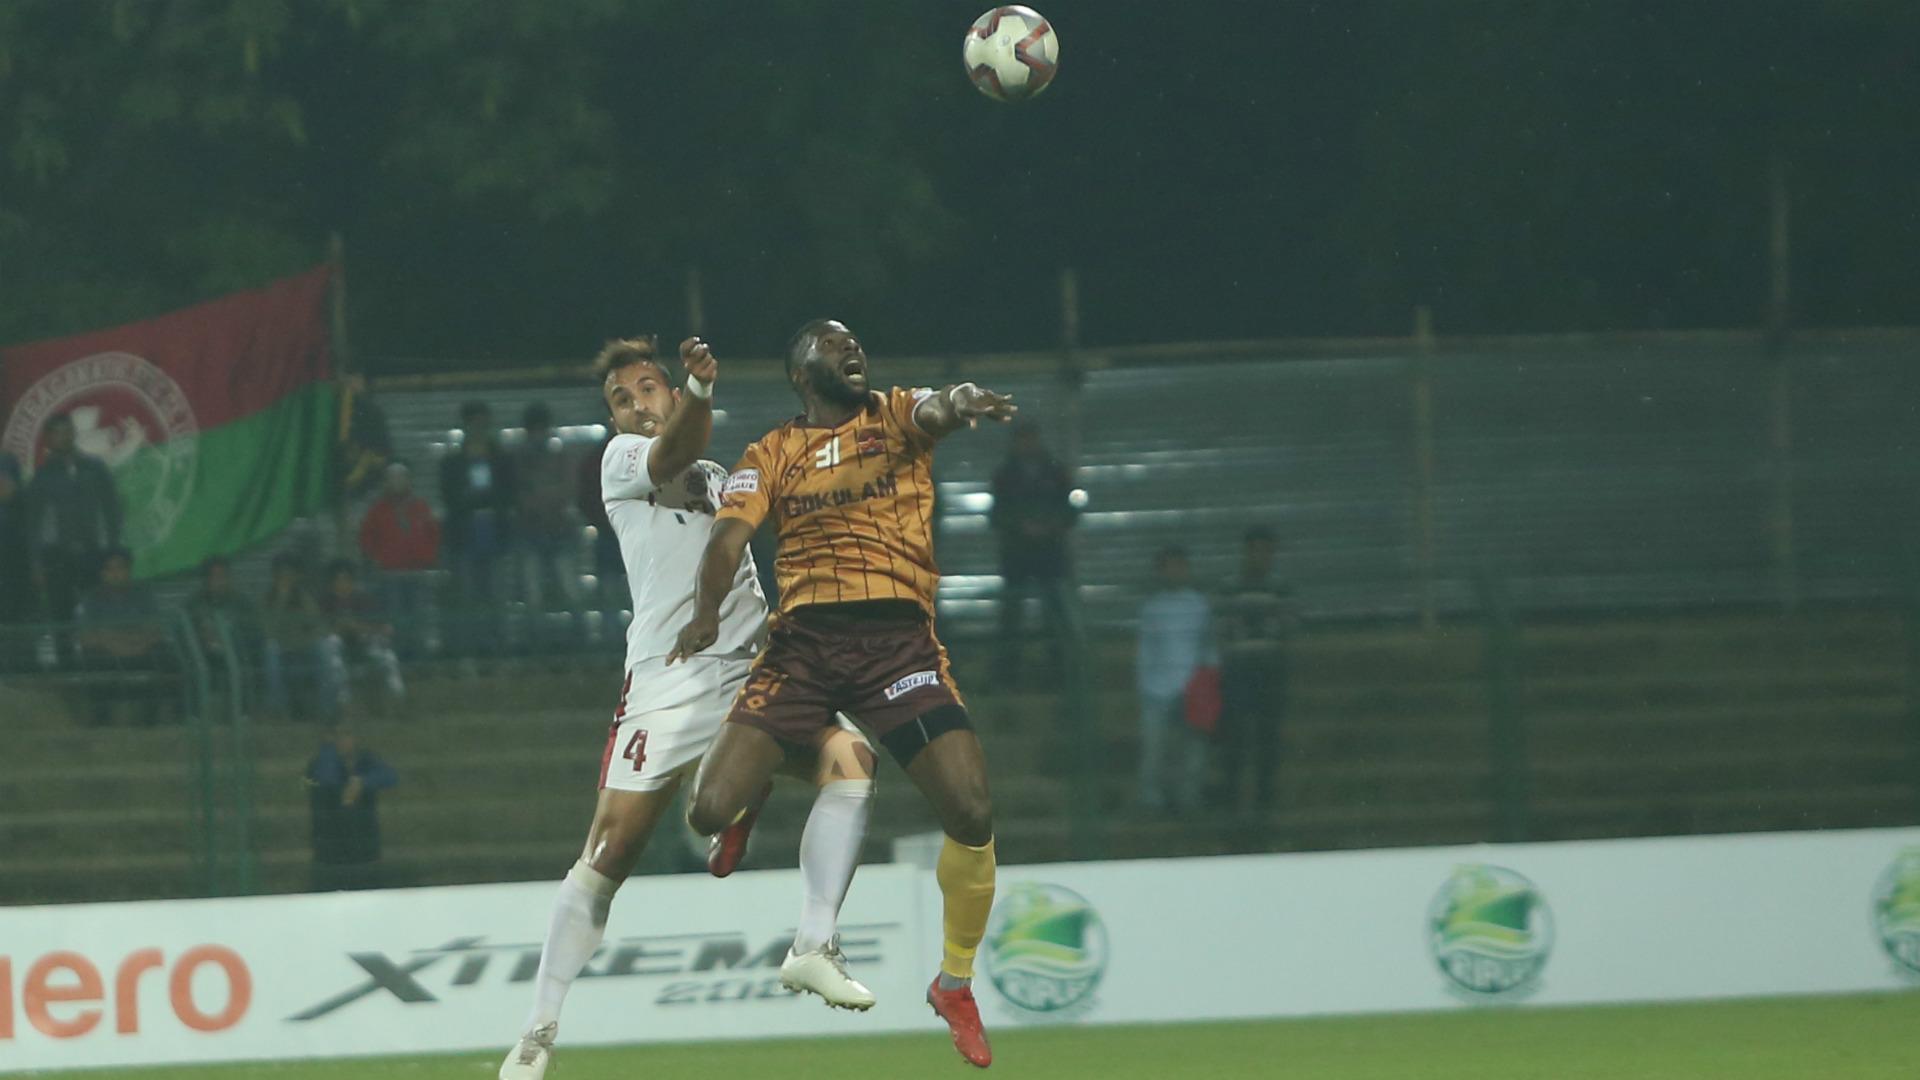 Mohun Bagan Gokulam Kerala I-League 2019-20